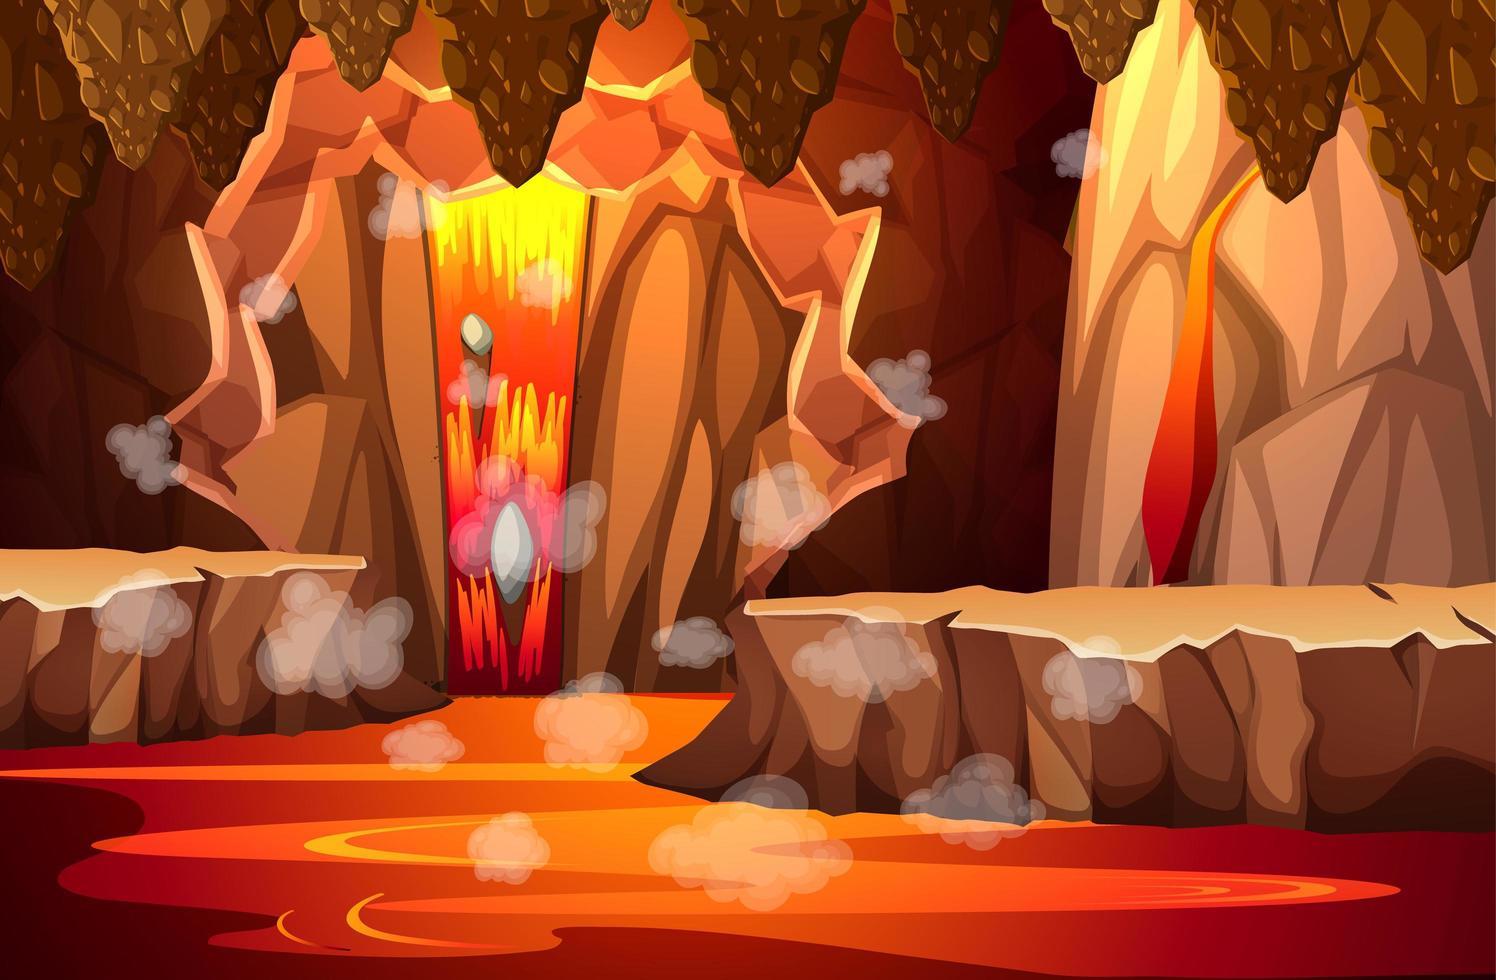 caverna oscura infernale con scena di lava vettore